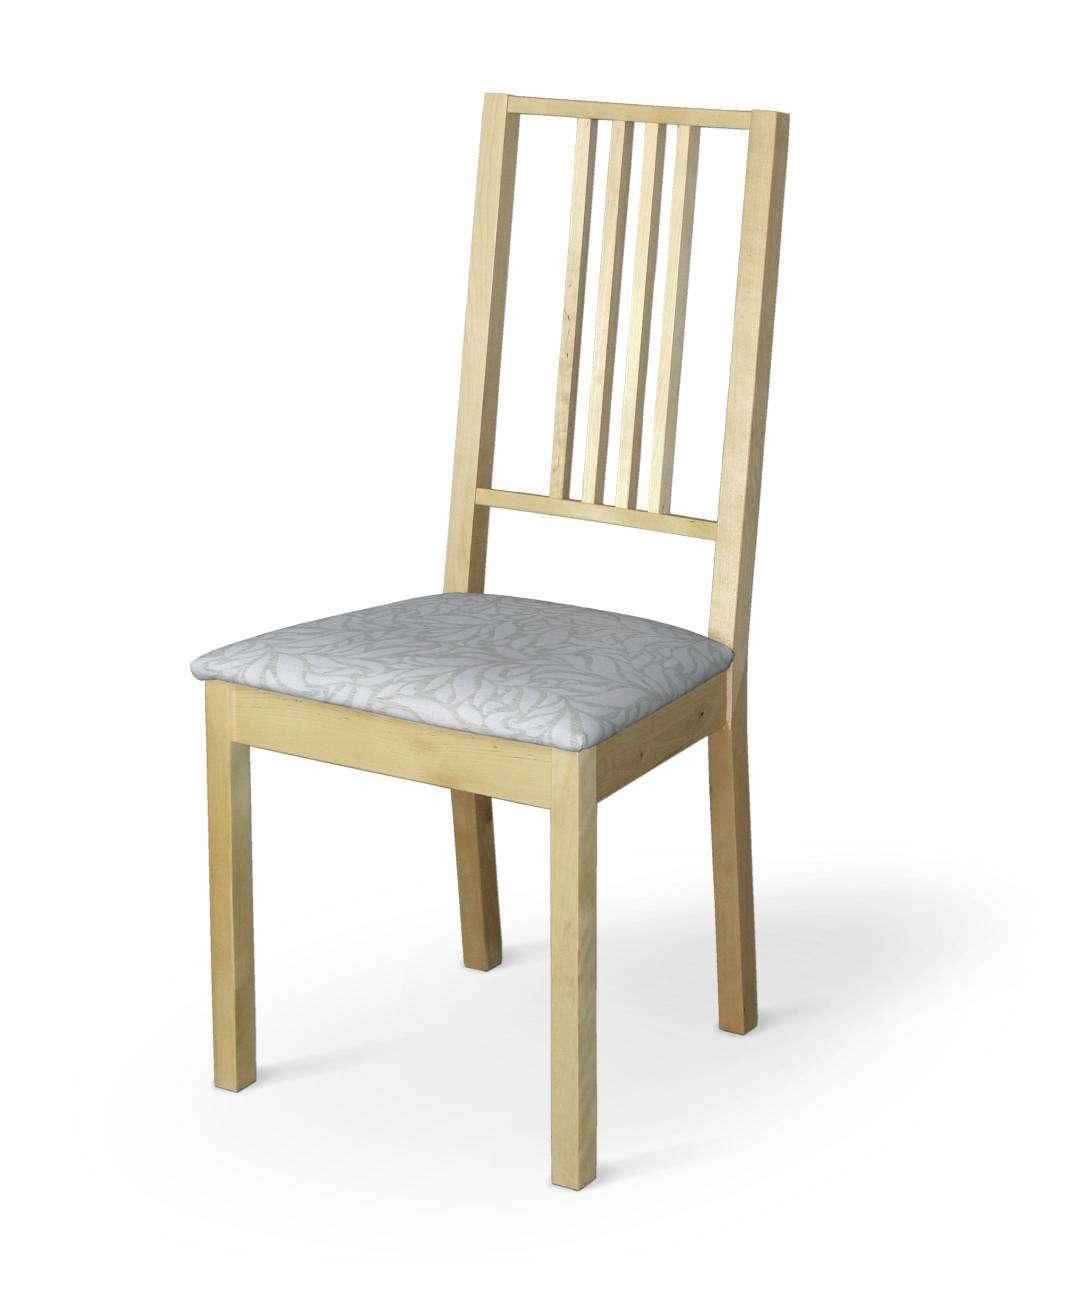 Pokrowiec na siedzisko Börje siedzisko Börje w kolekcji Venice, tkanina: 140-50